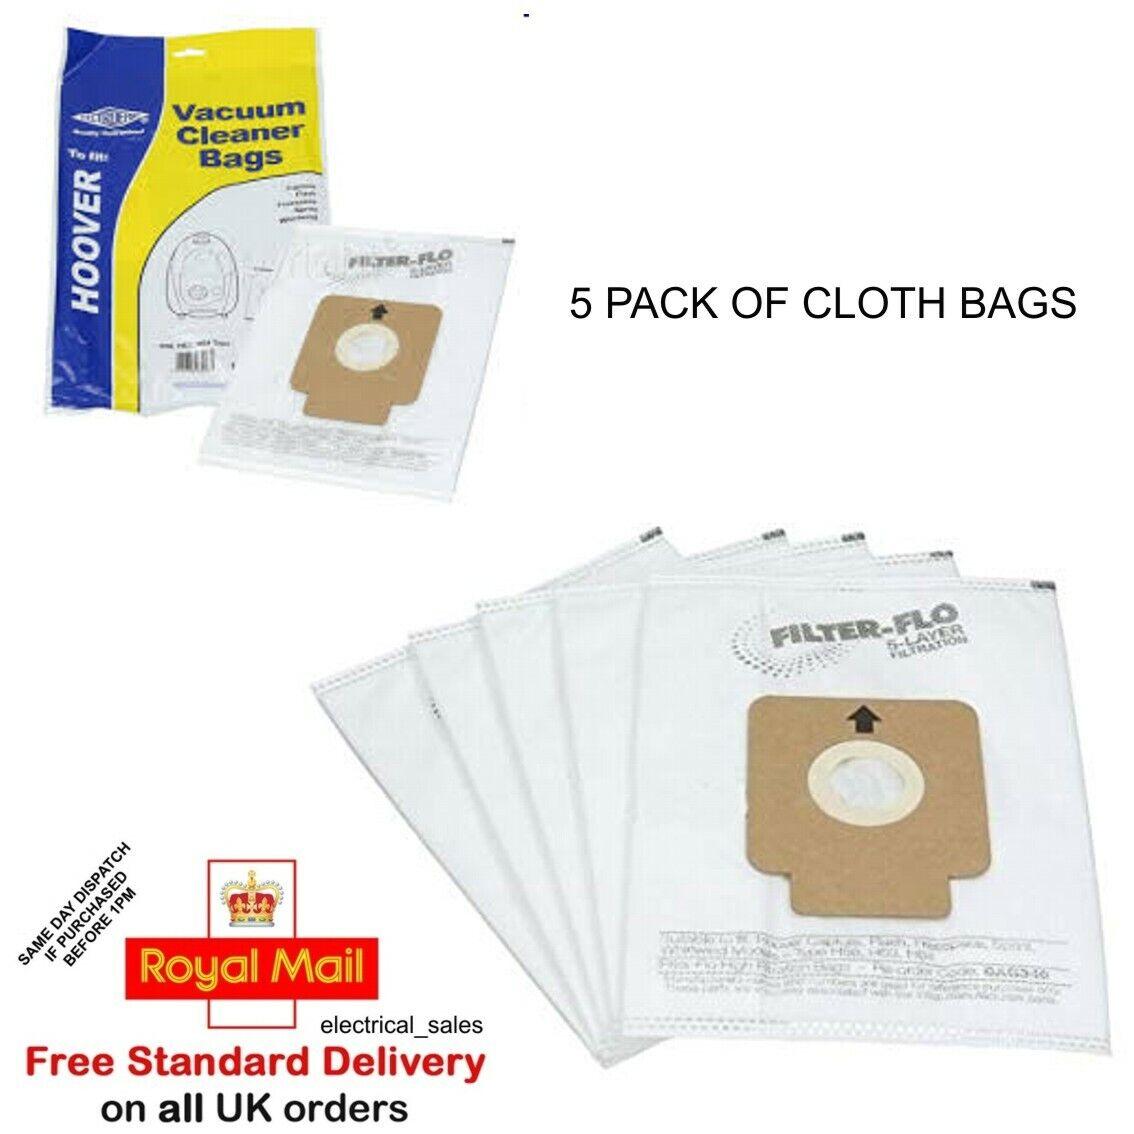 Genuine Hoover H64 Vacuum Cleaner Hoover Paper Dust Bags 5 Pack